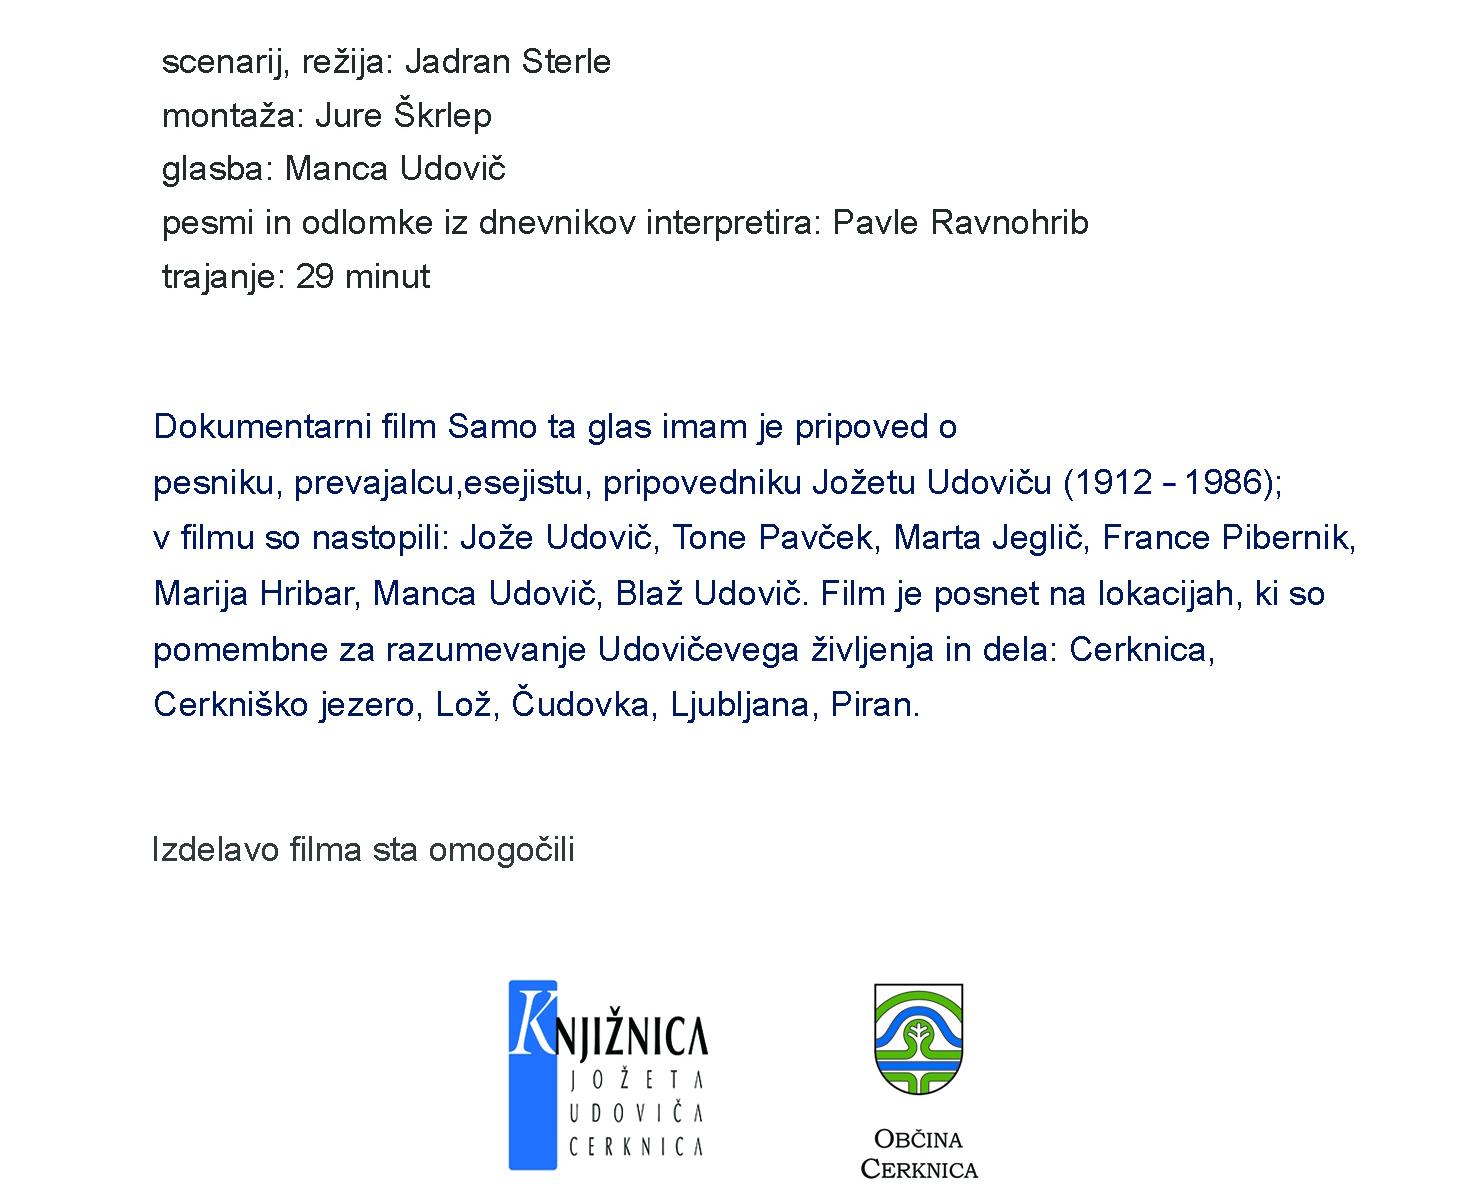 vabilo1 - Samo ta glas imam : Jože Udovič 1912-1986